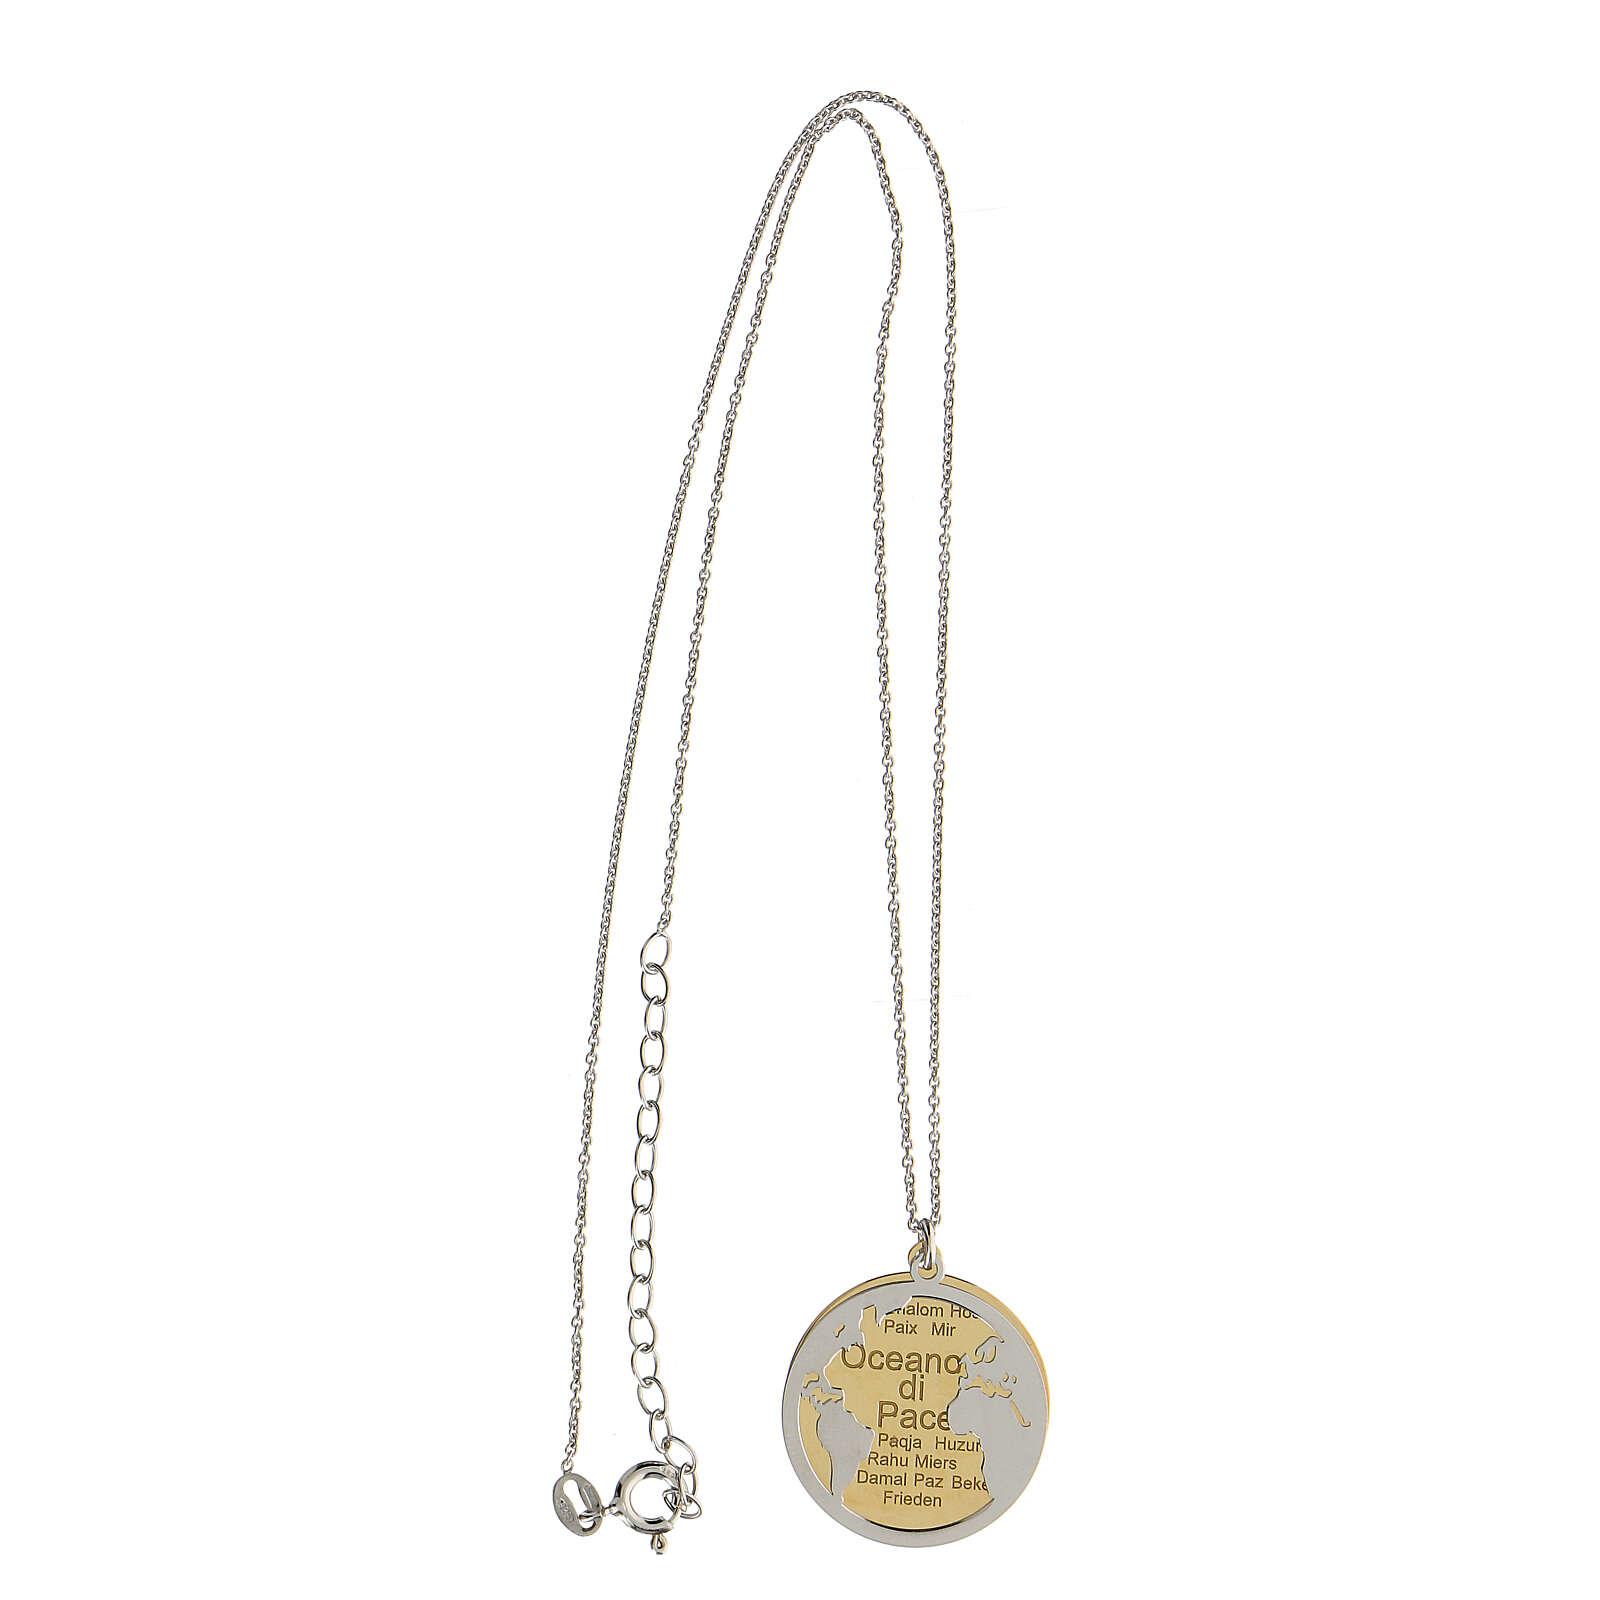 Doble medalla Oceano di Pace plata 925 bicolor 4